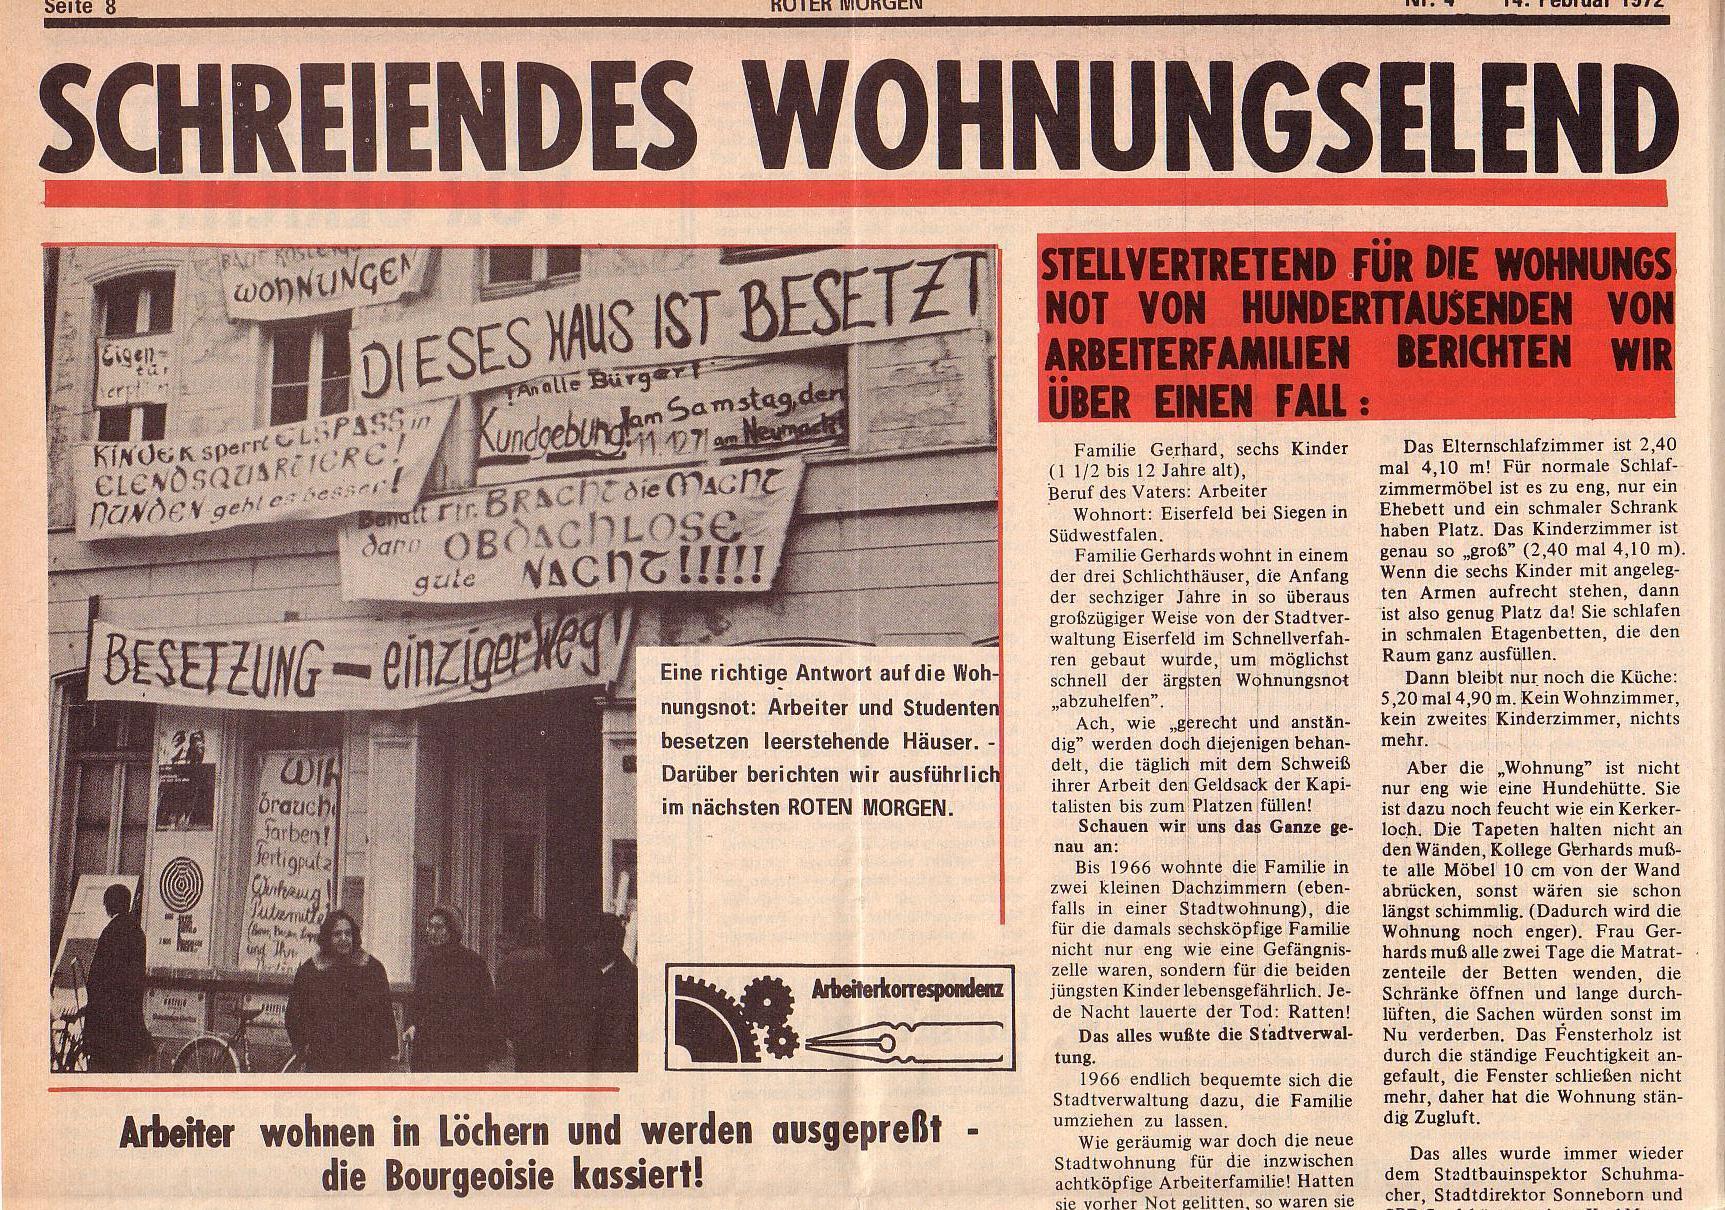 Roter Morgen, 6. Jg., 14. Februar 1972, Nr. 4, Seite 8a